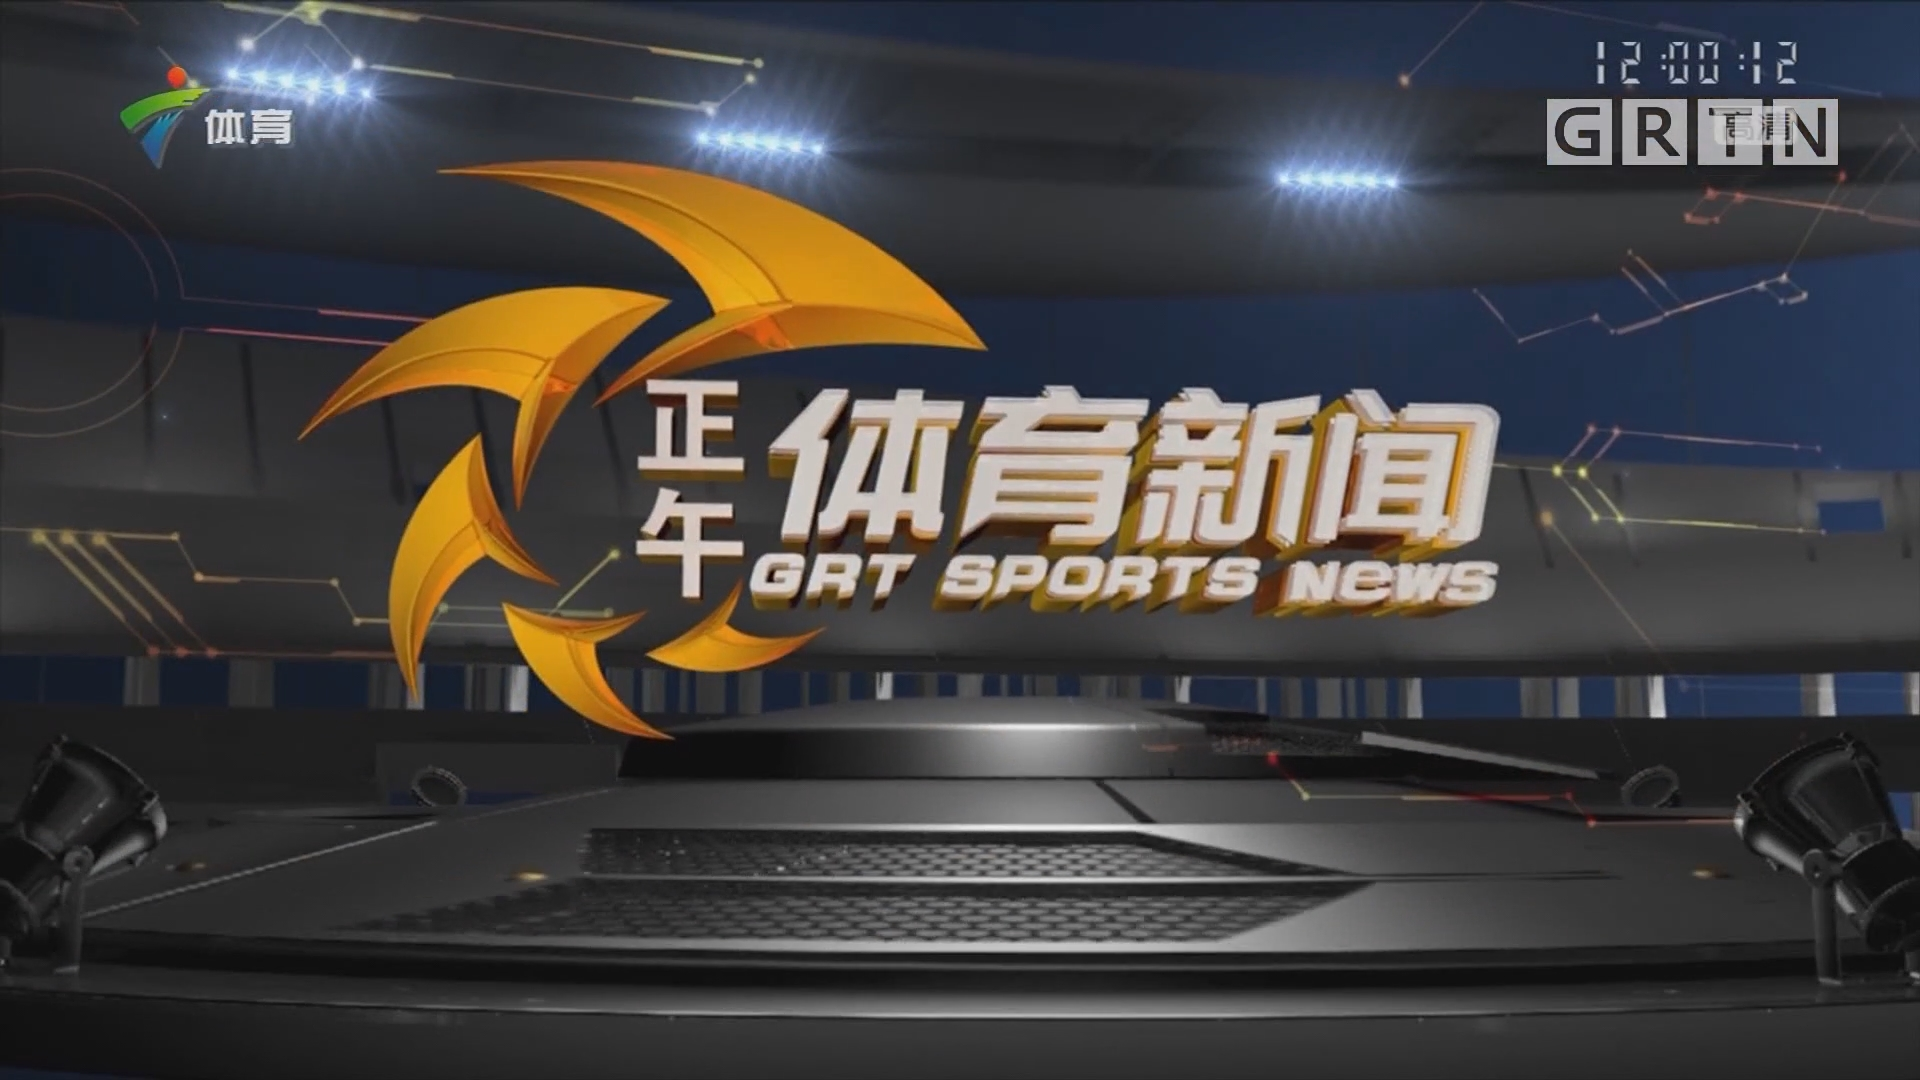 [HD][2019-04-01]正午体育新闻:中办 国办印发《关于以2022年北京冬奥会为契机 大力发展冰雪运动的意见》